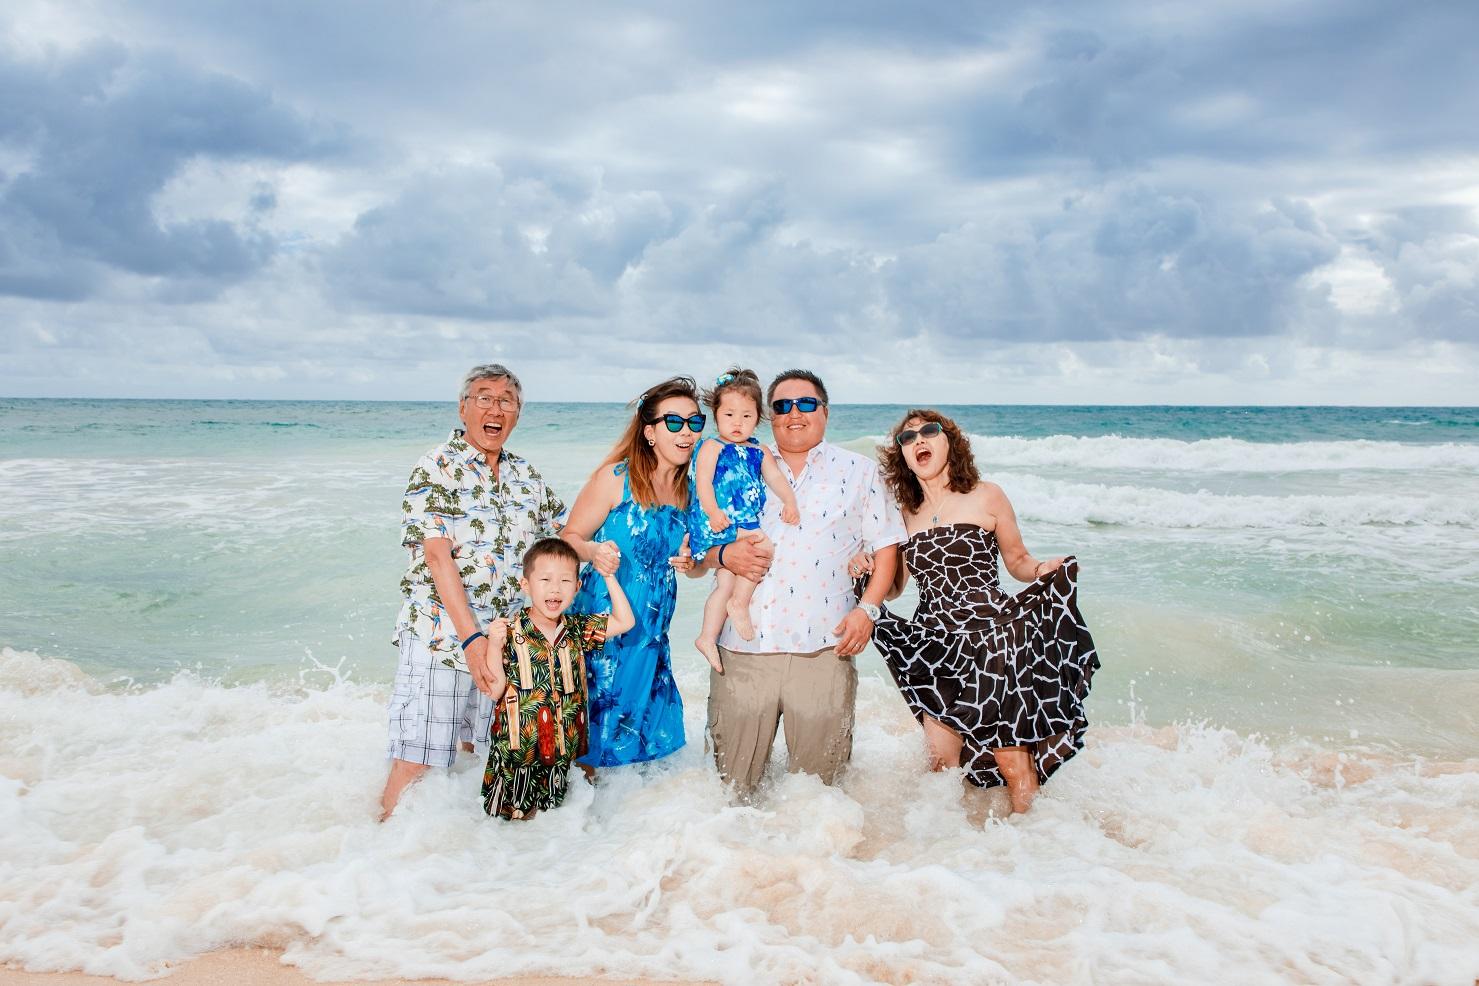 family portrait in the ocean oahu hawaii